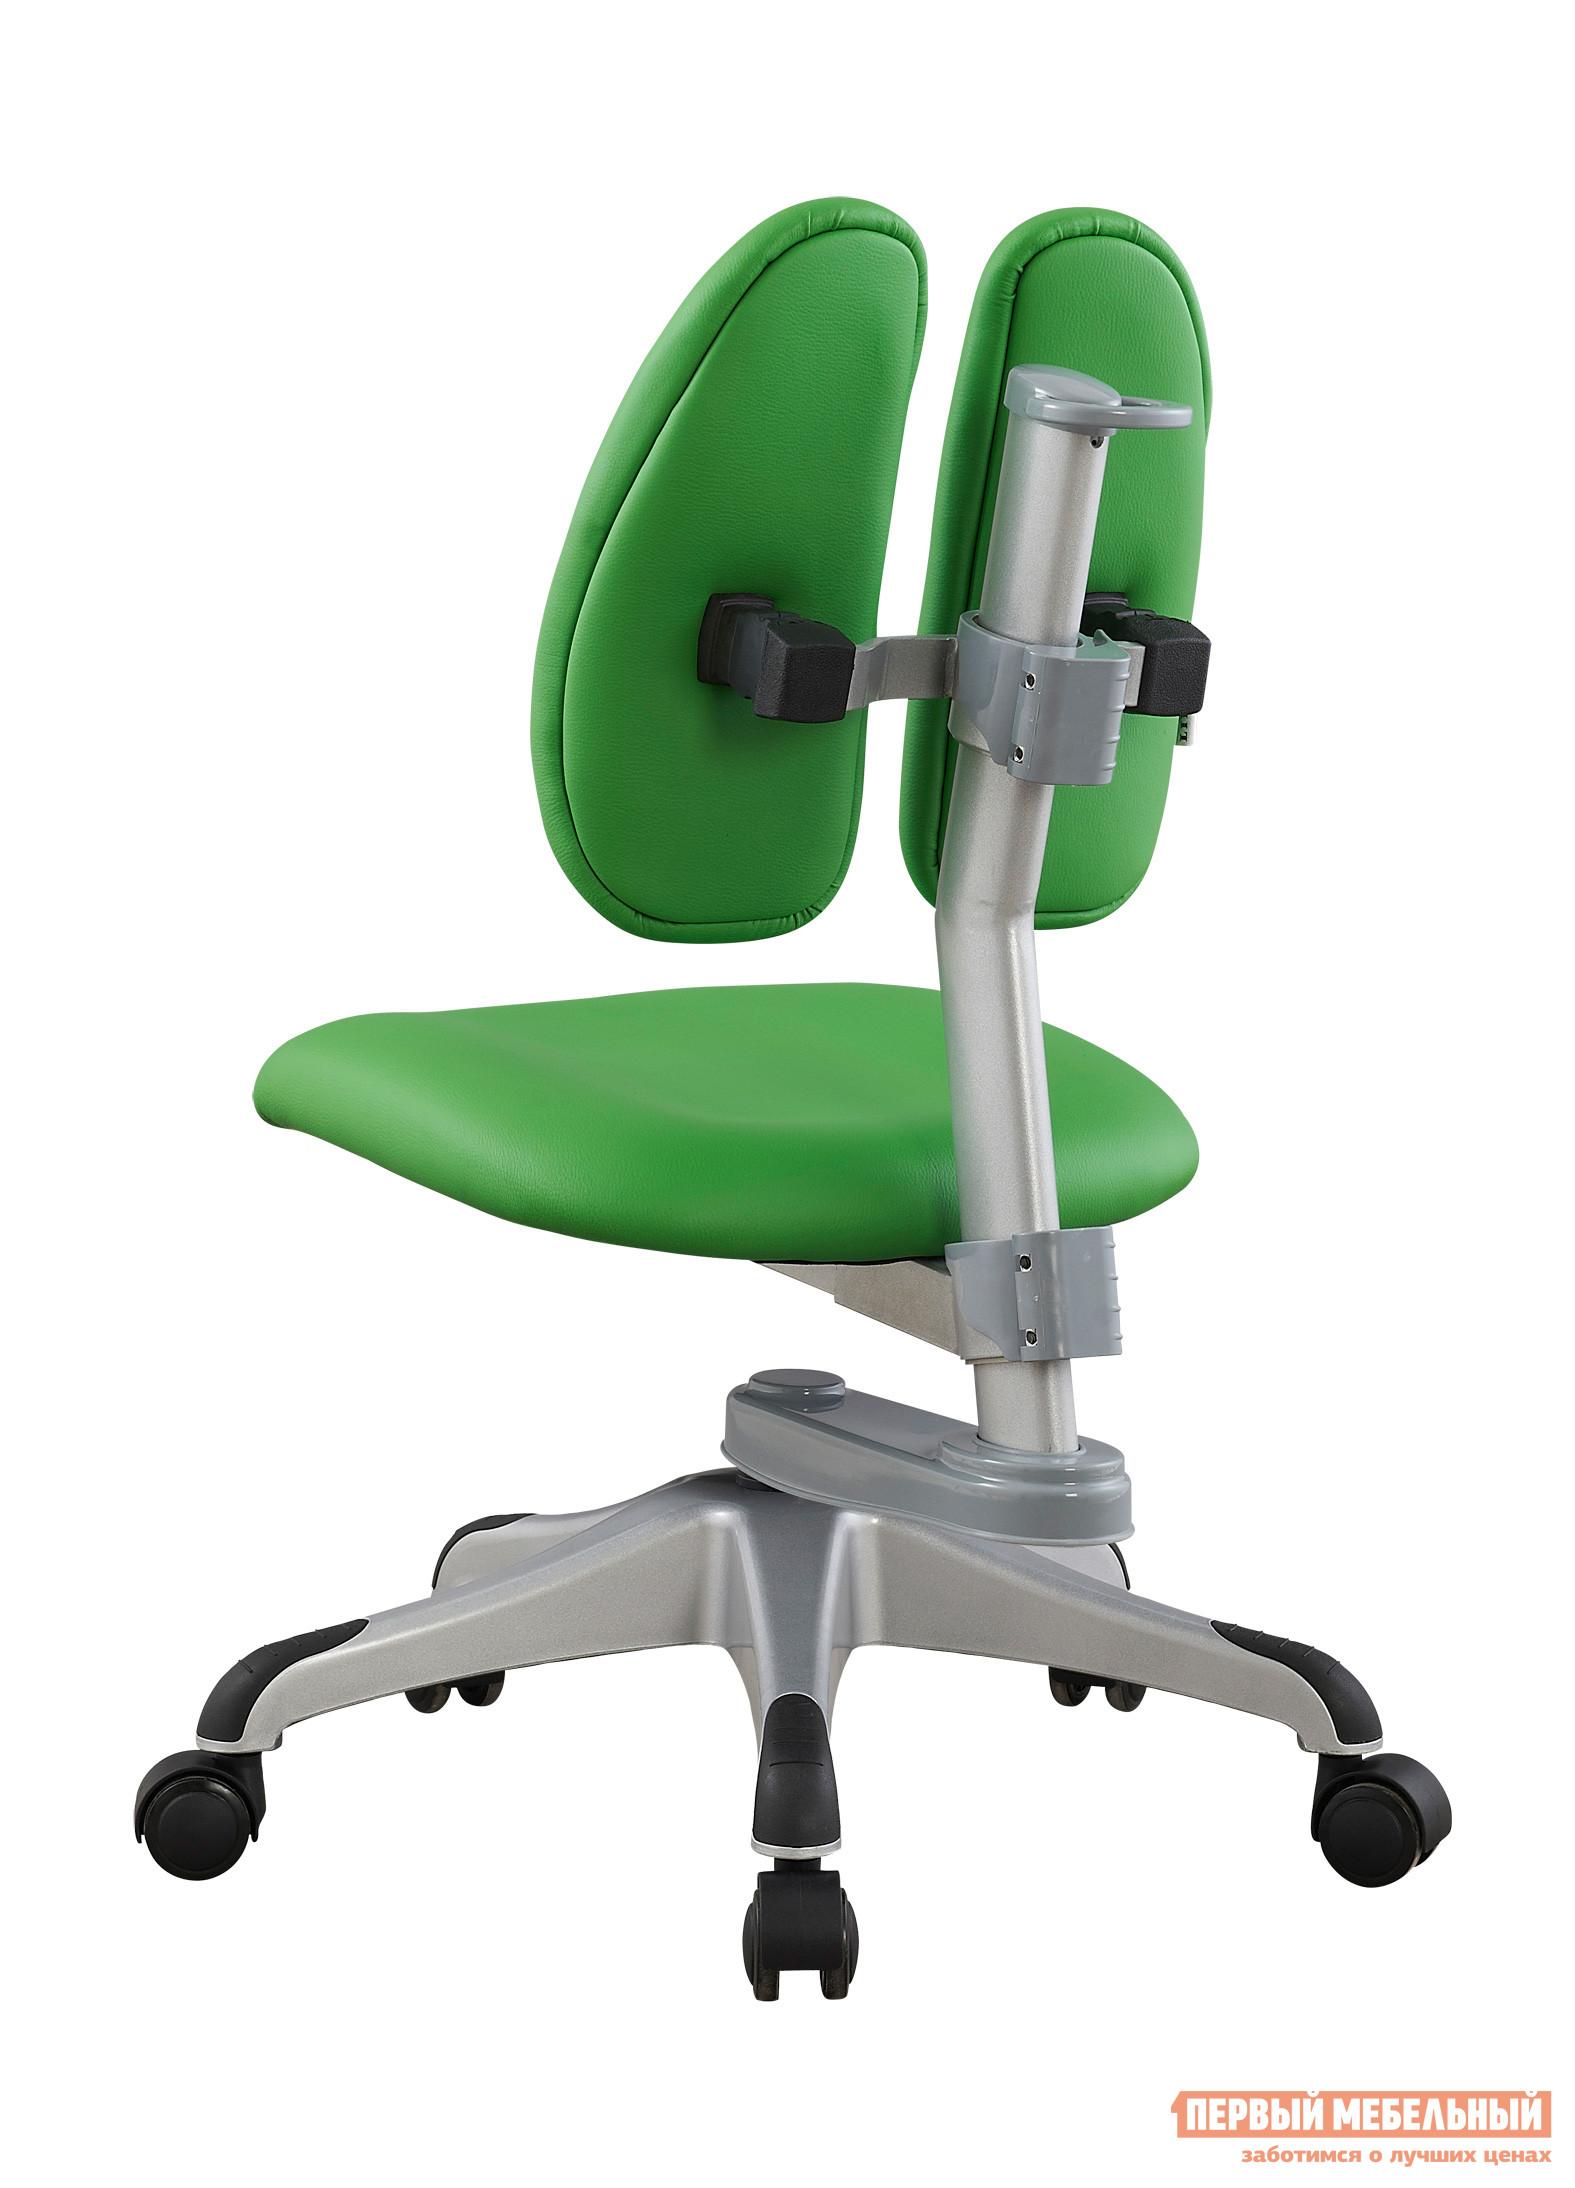 Компьютерное кресло Libao LB-C07 Зеленый